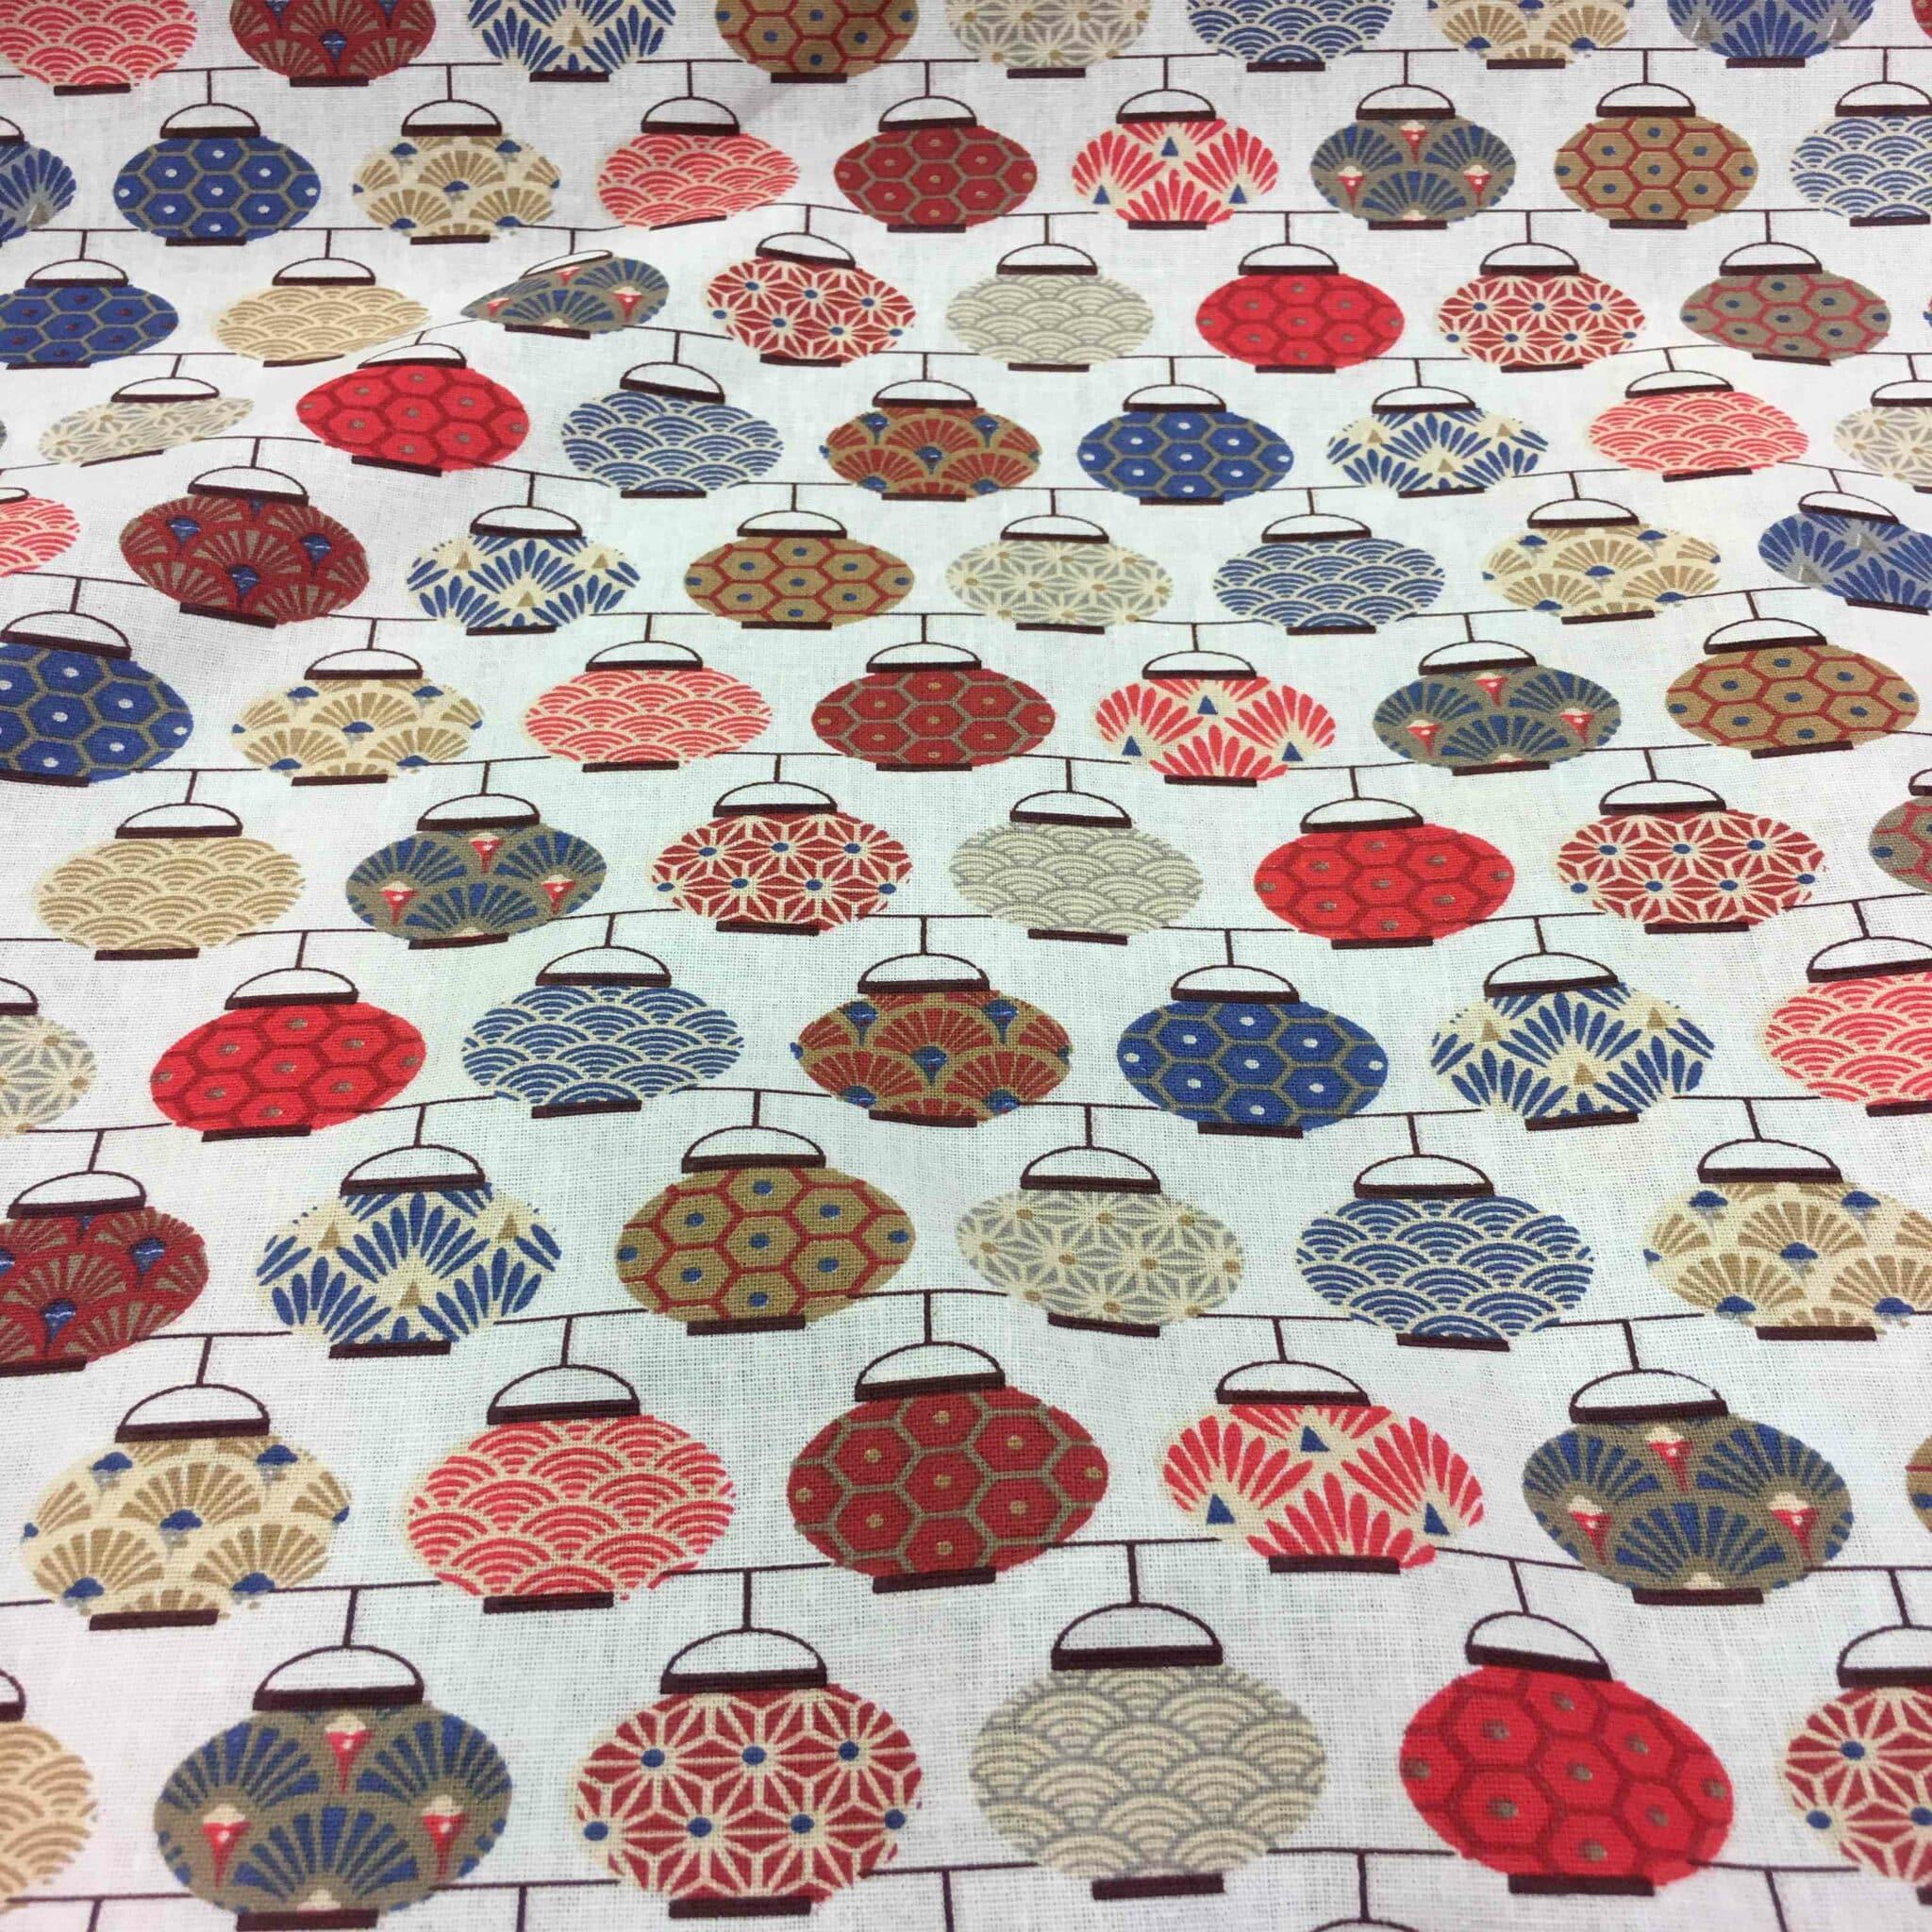 tissu coton motif imprime theiere japonaise